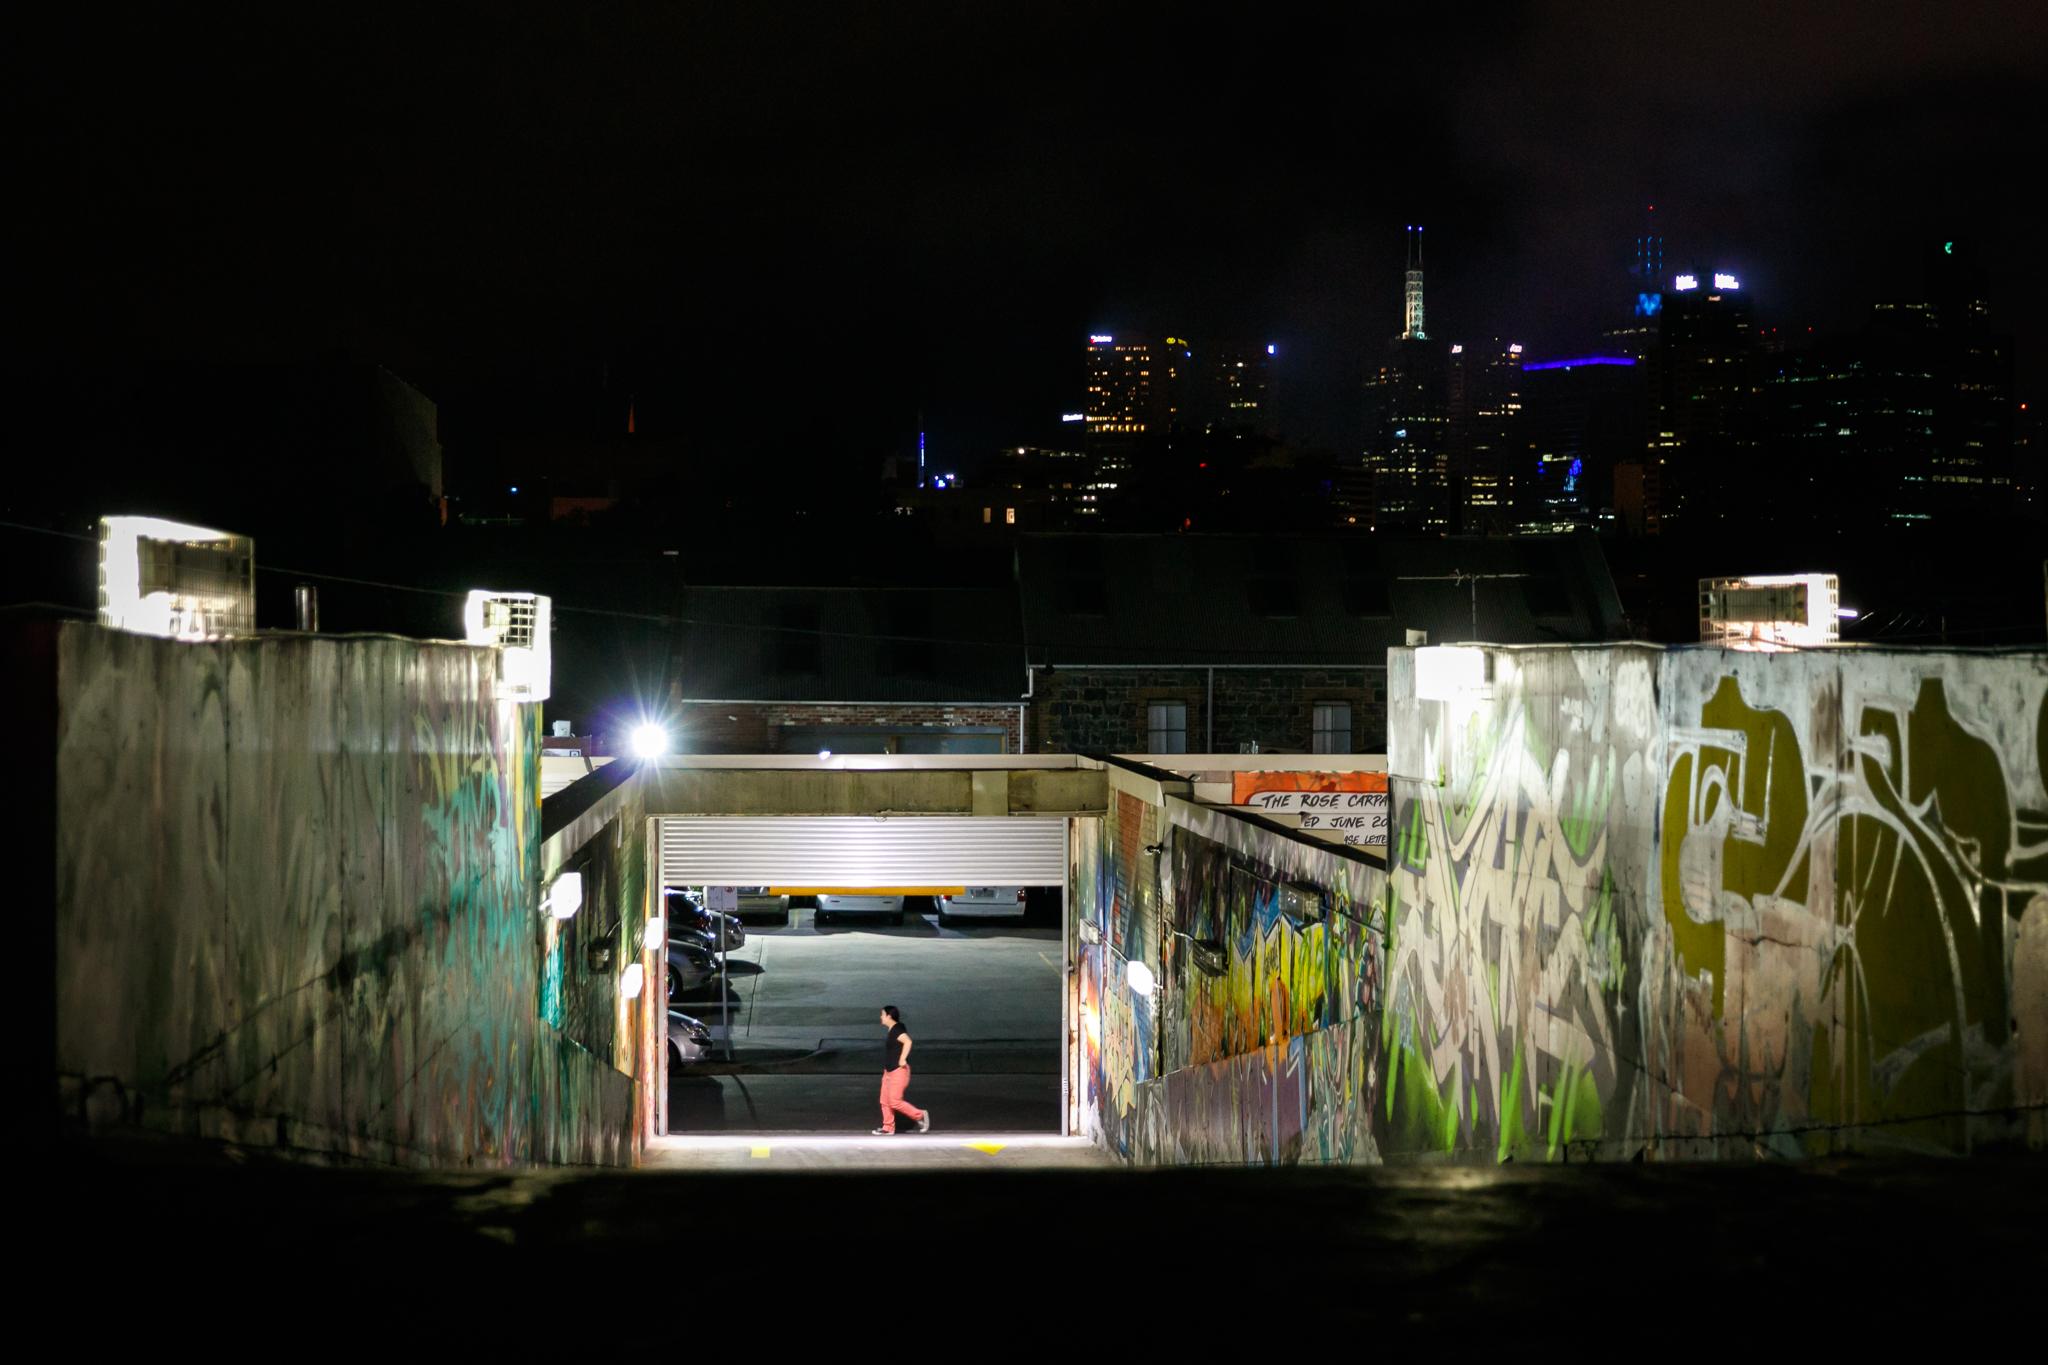 night-time-car-park-city-views.jpg